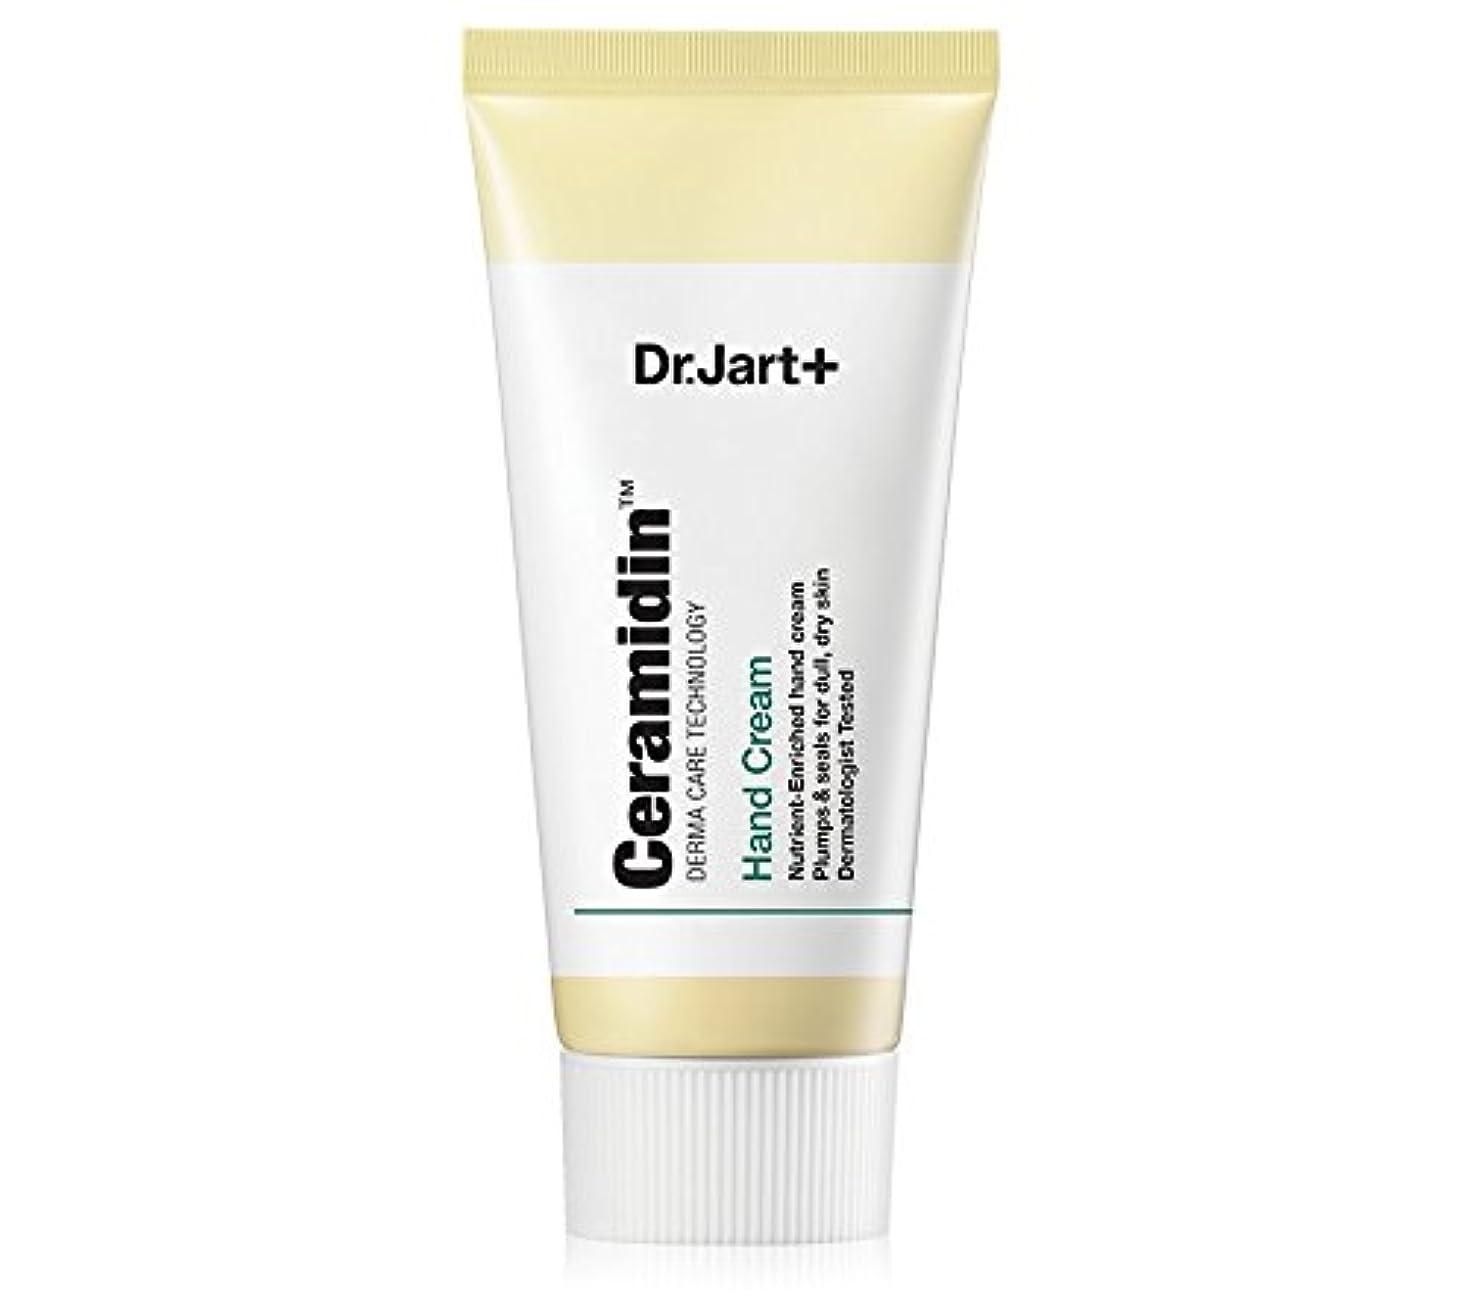 迷惑悲惨な有益[Dr.Jart+] セラマイディンハンドクリーム / Ceramidin Hand Cream 50ml [並行輸入品]